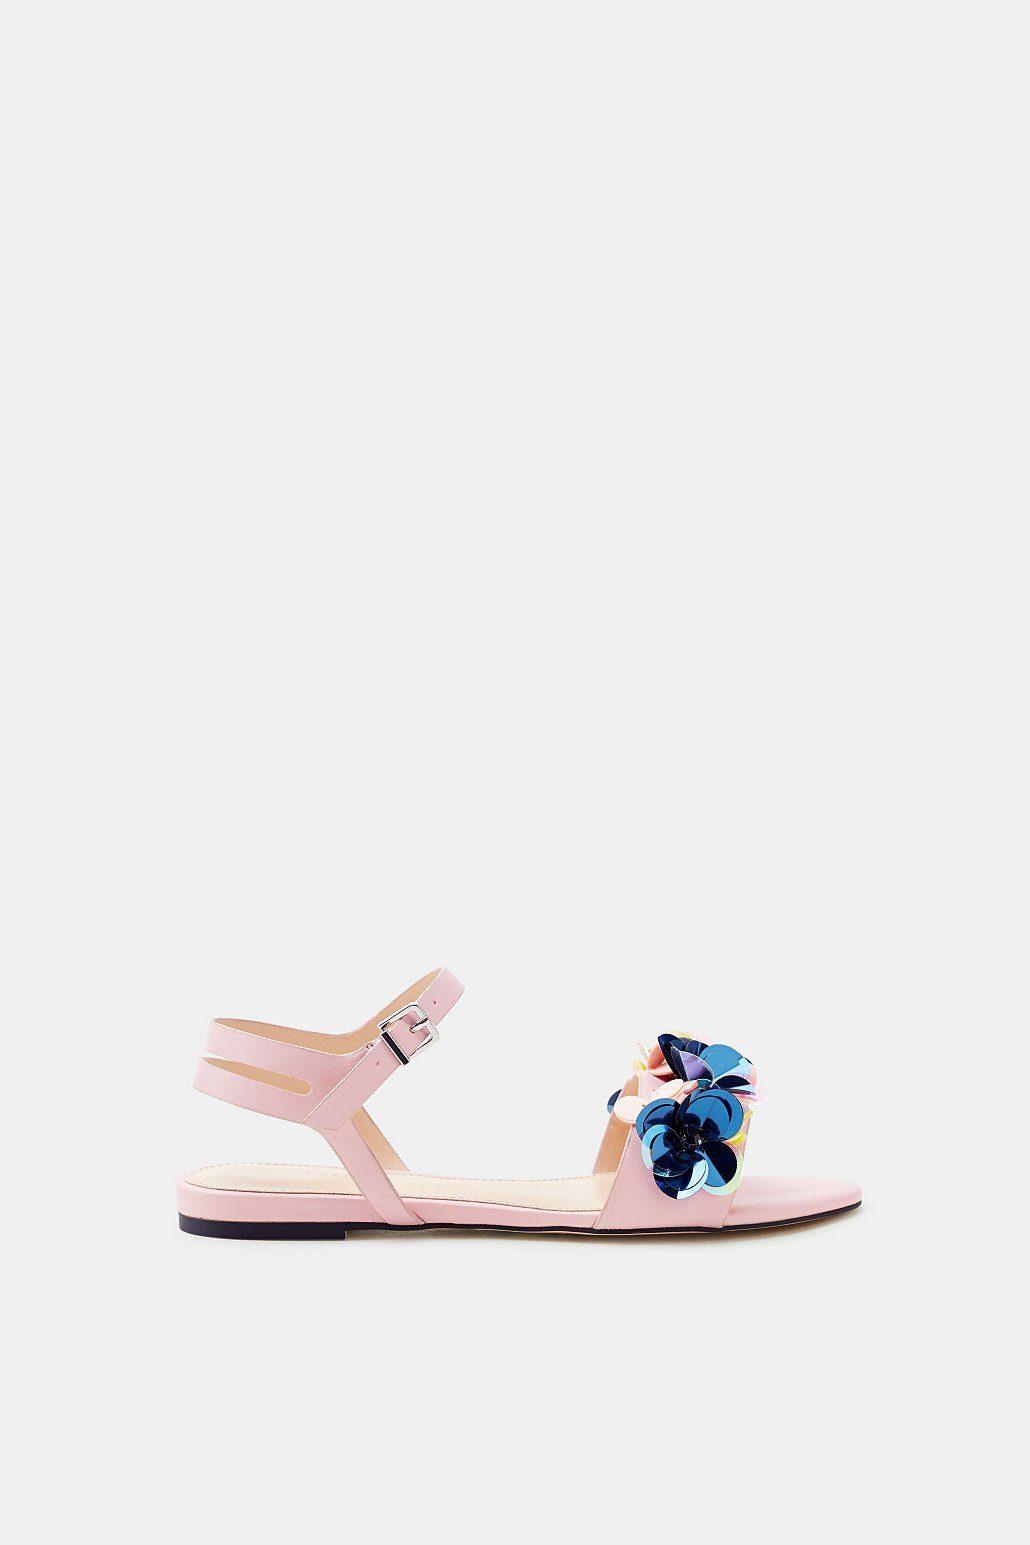 ESPRIT Sandale mit floral angeordneten Pailletten  PINK